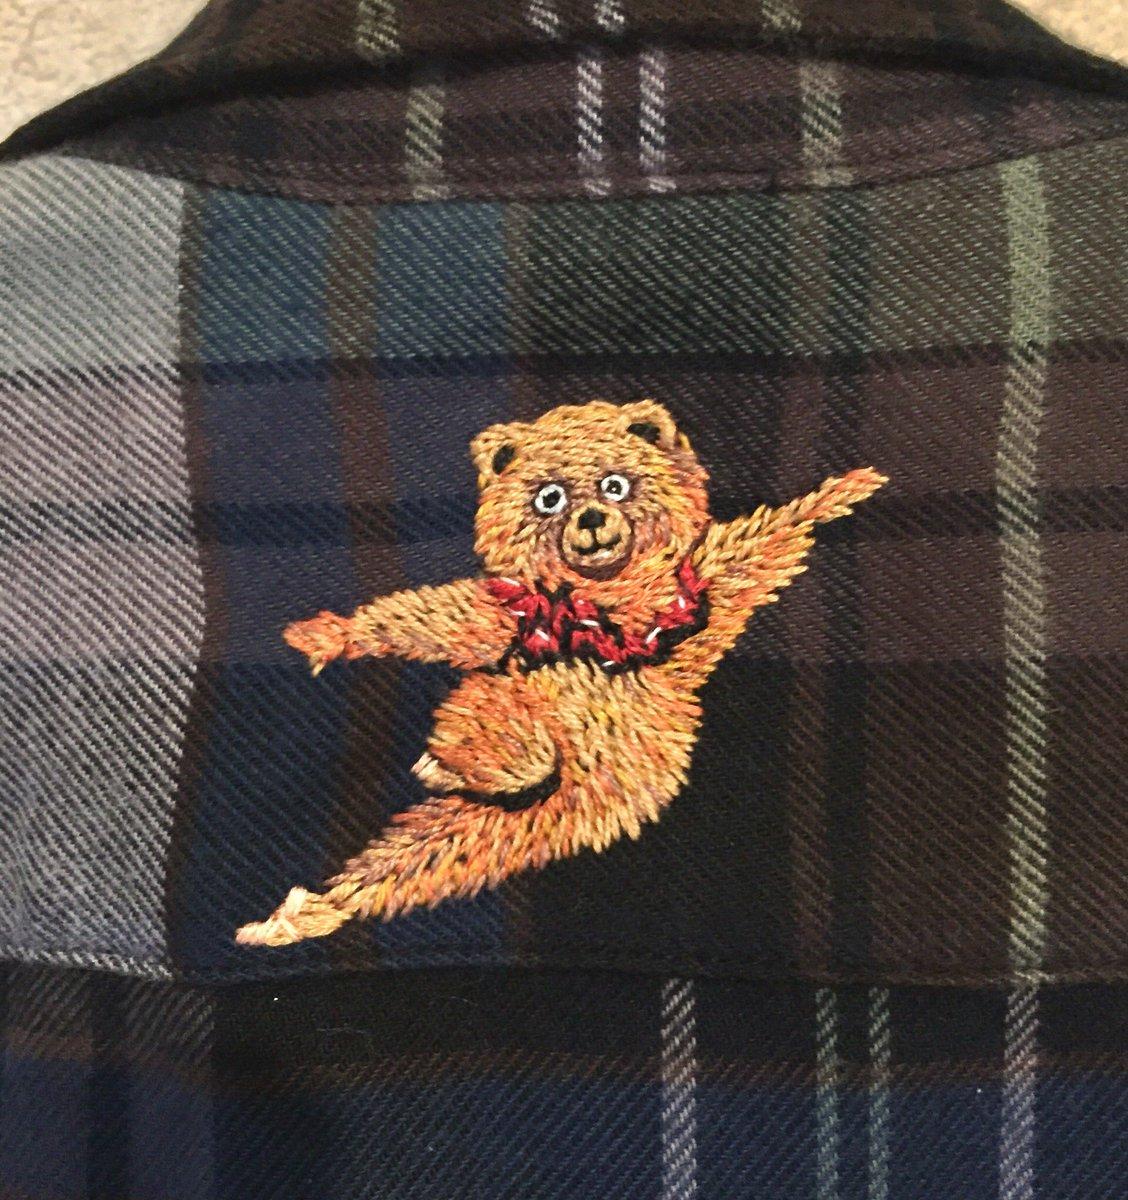 旦那のシャツにこっそりイタズラwインパクト大のボストンバレエ団を再現www